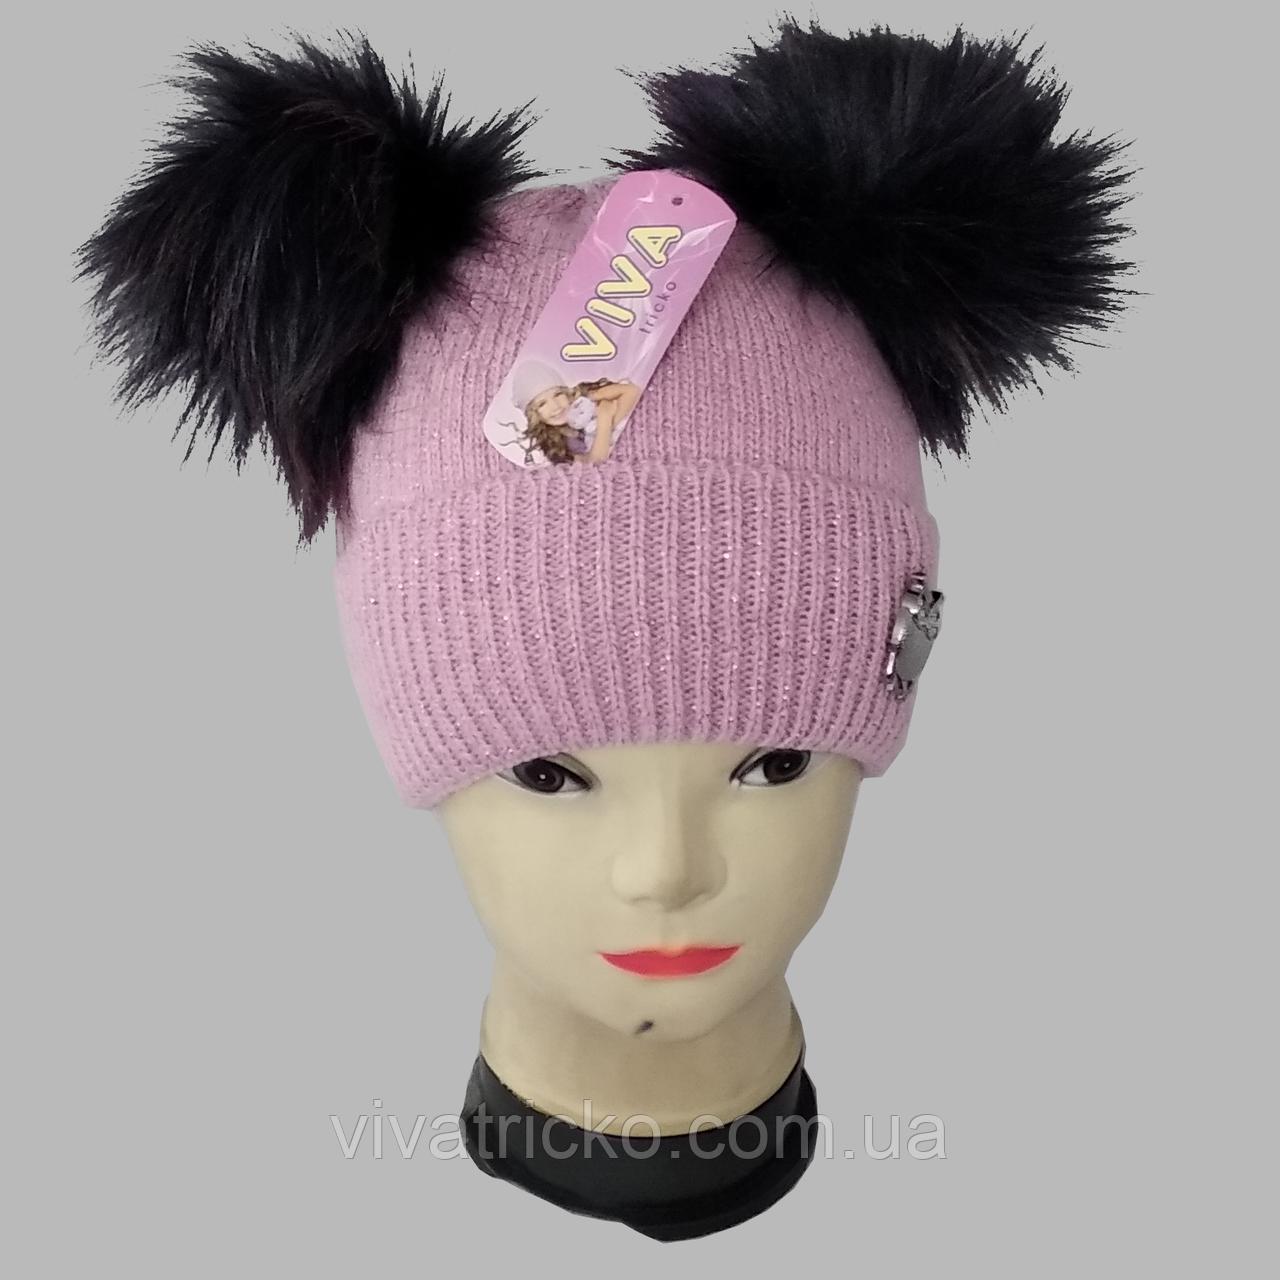 М 5099 Шапочка для девочки шапка  з двома помпонами, кашемир, флис